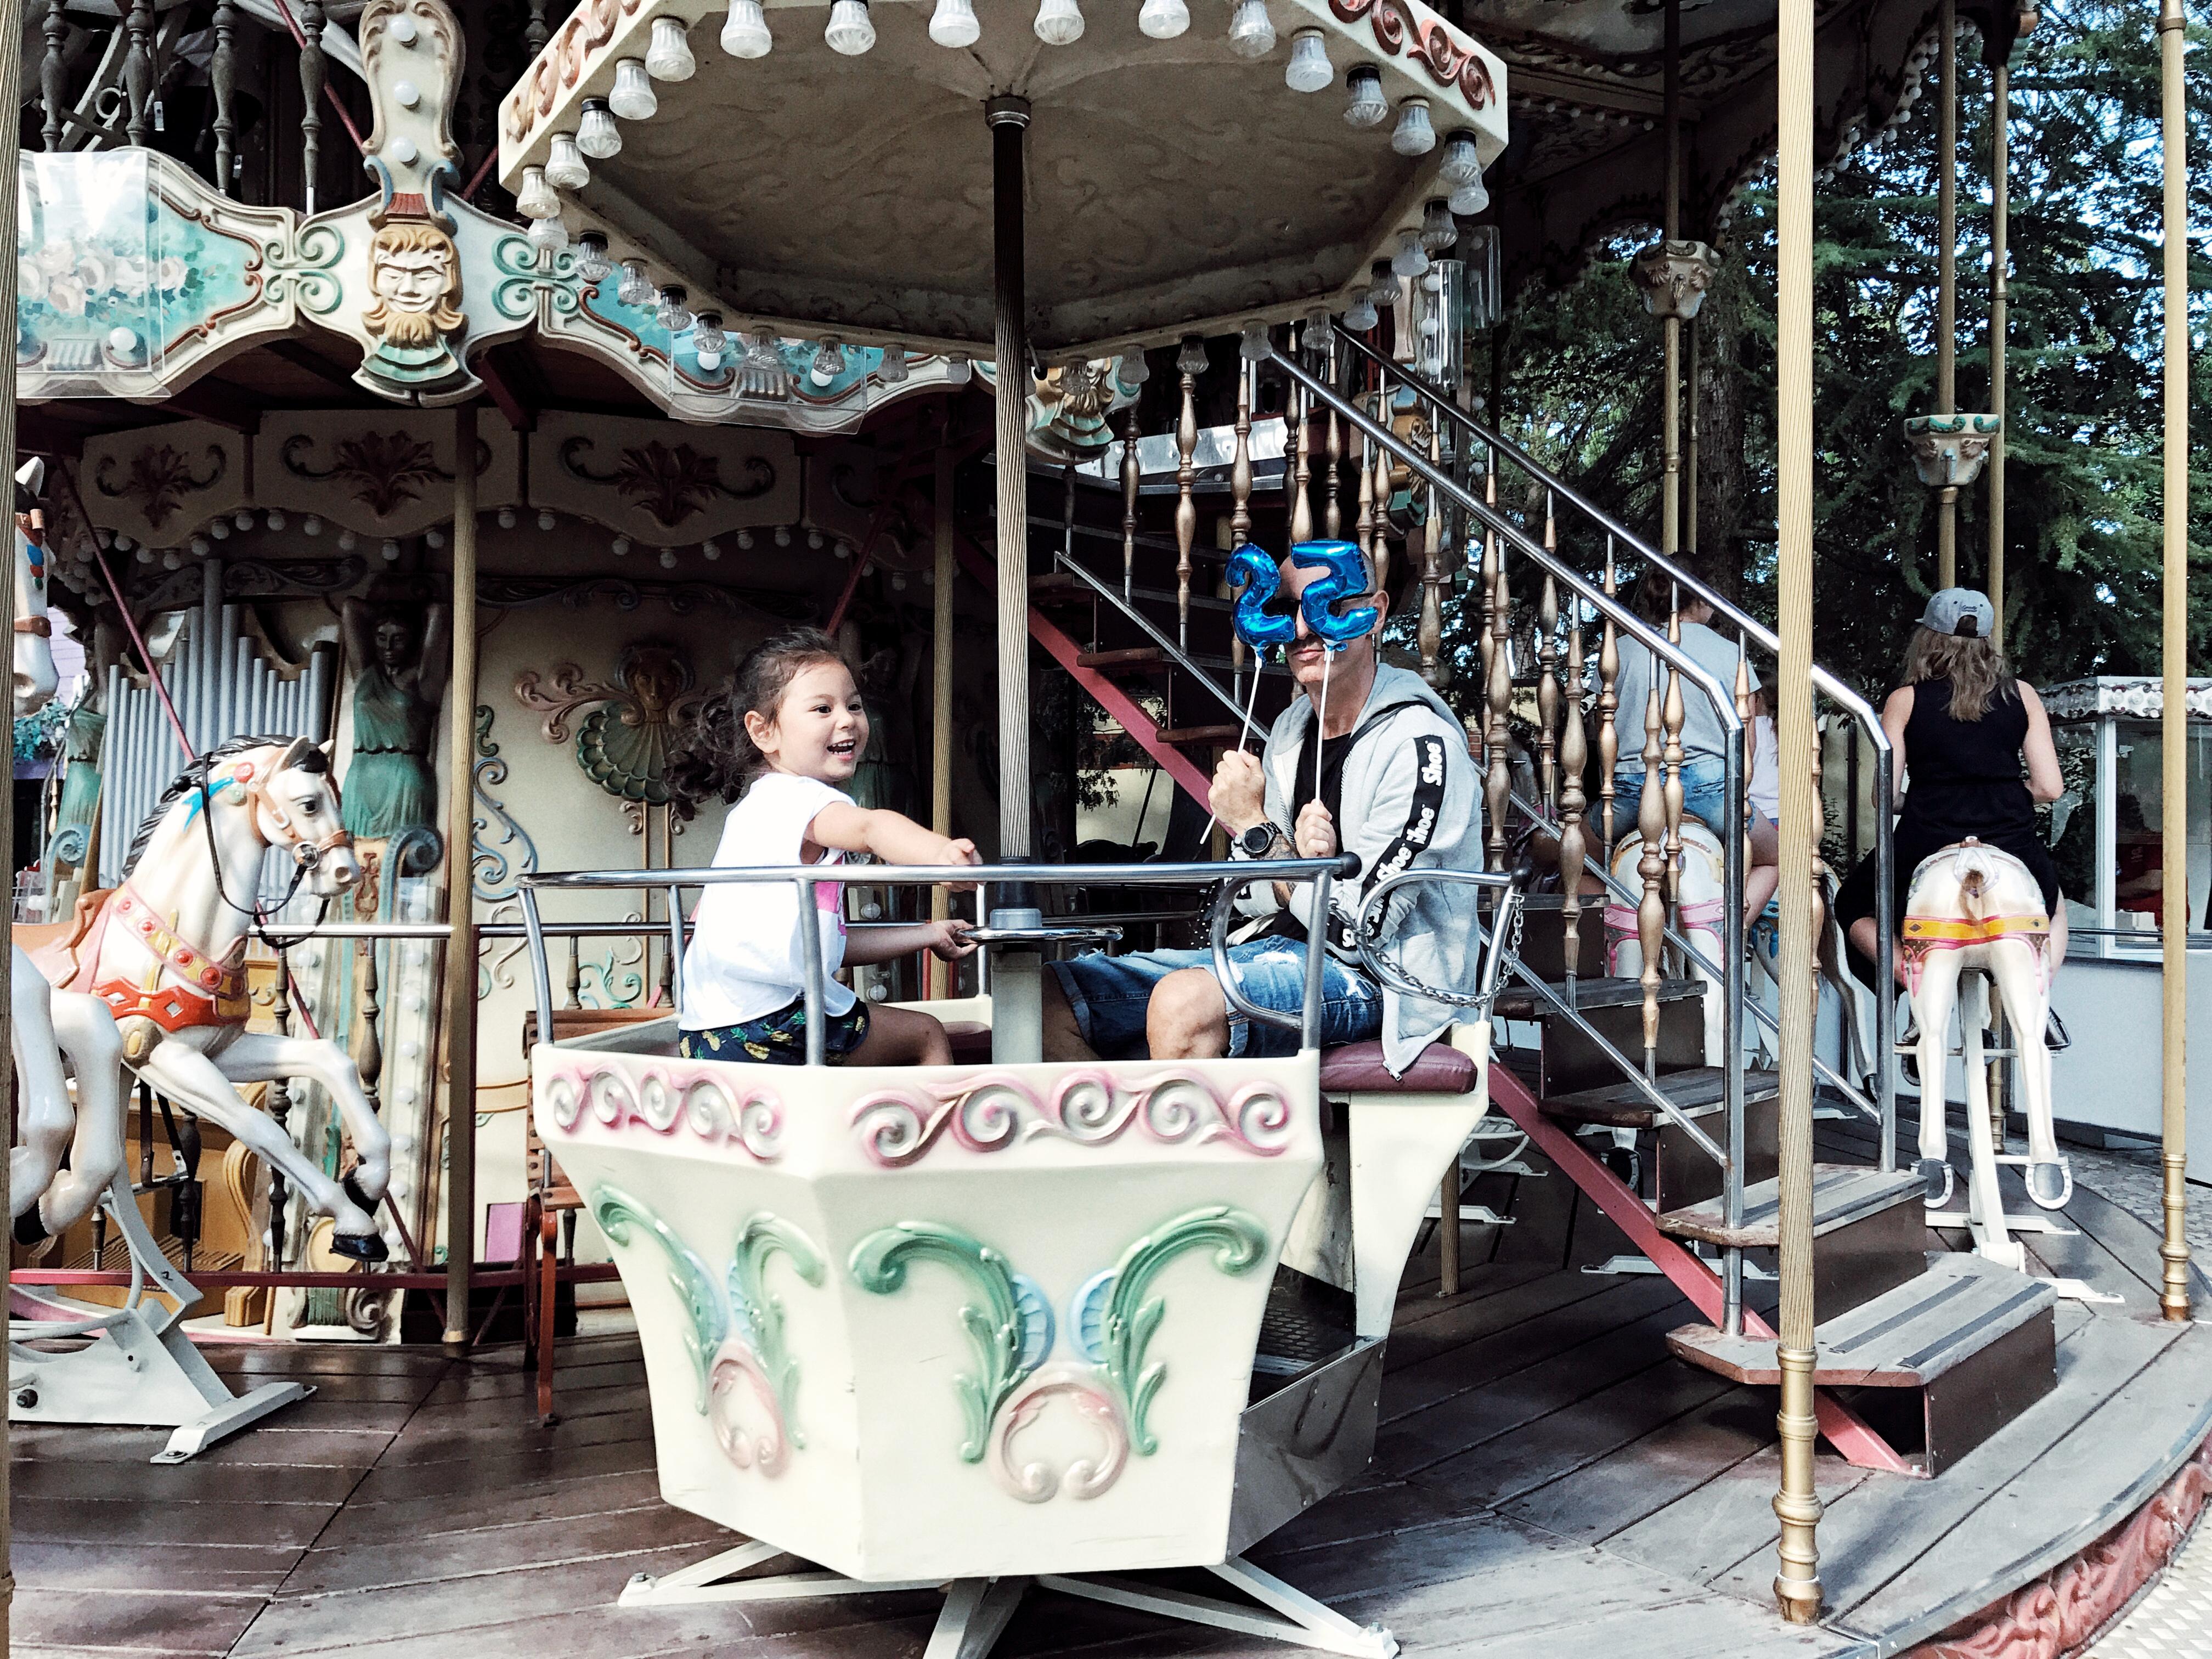 Carousel - Bimbopoli